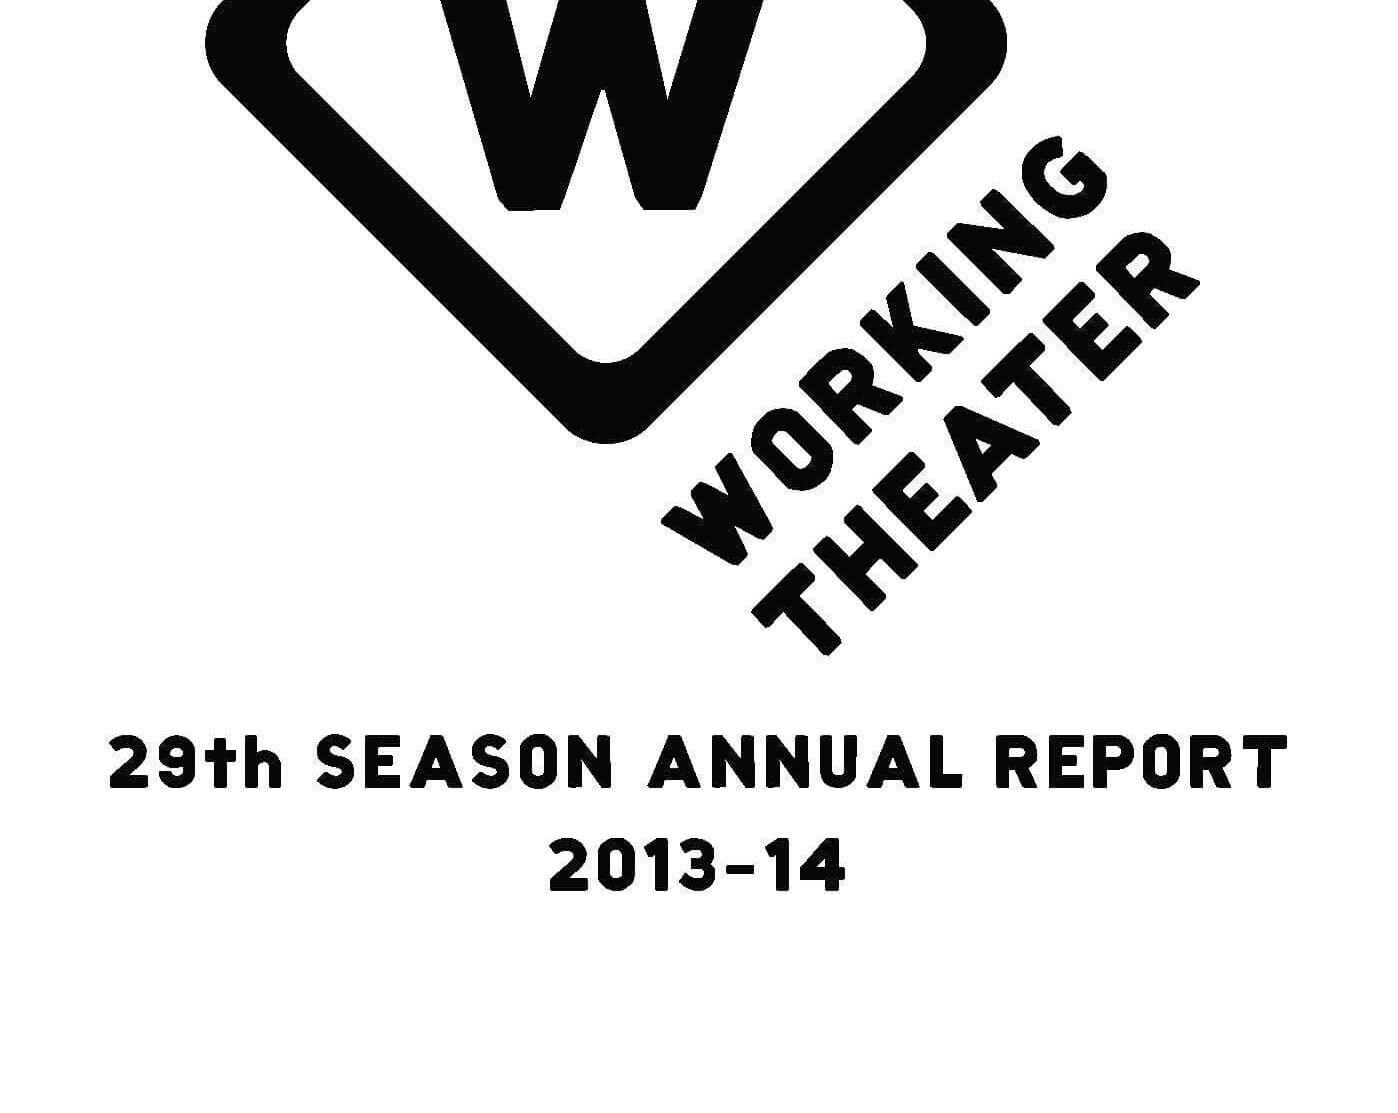 29th season annual report